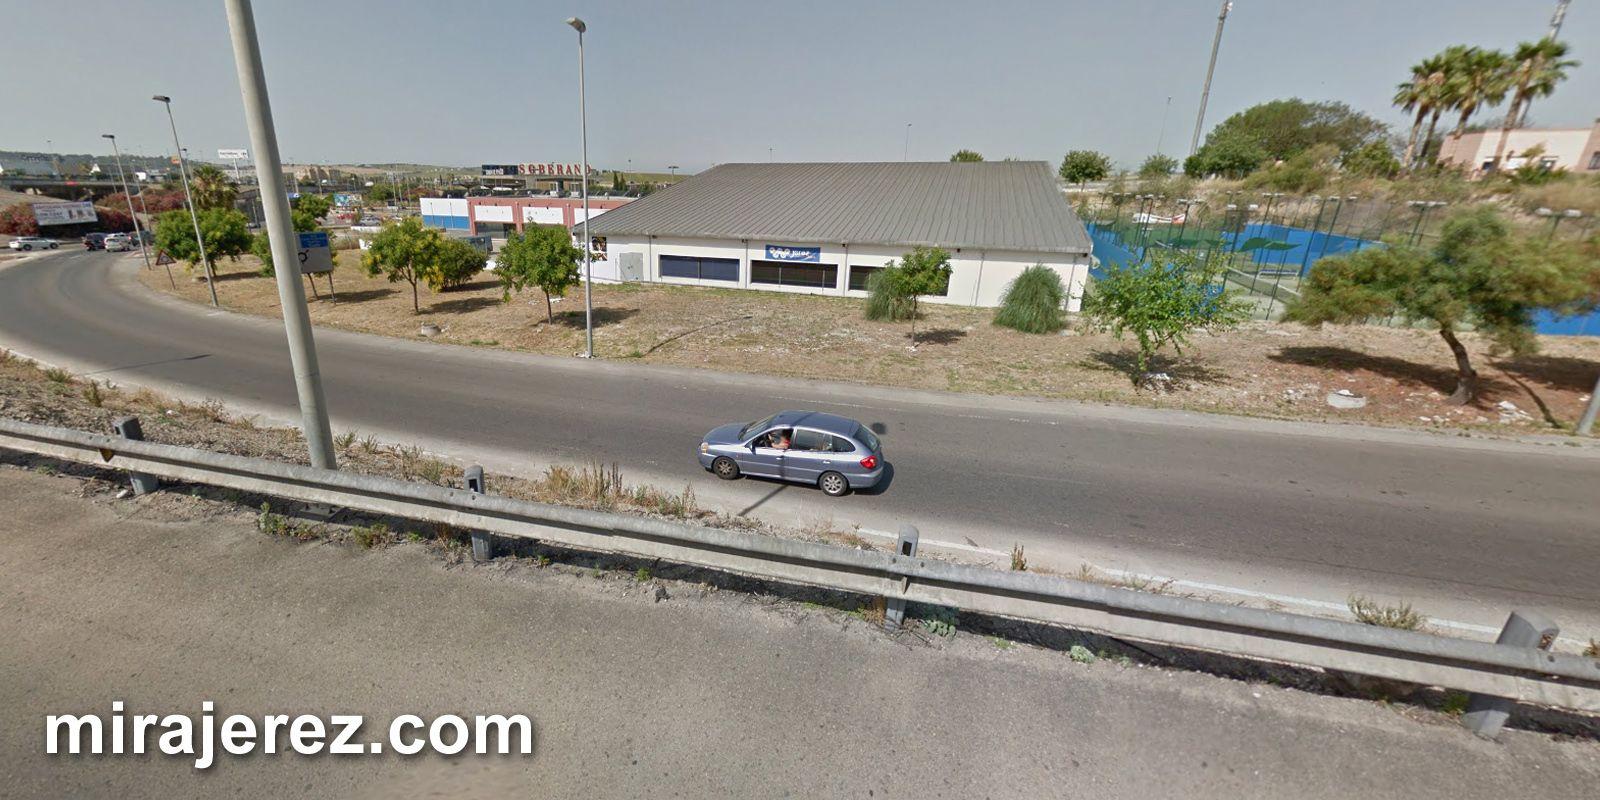 Ramal donde se ha producido el accidente